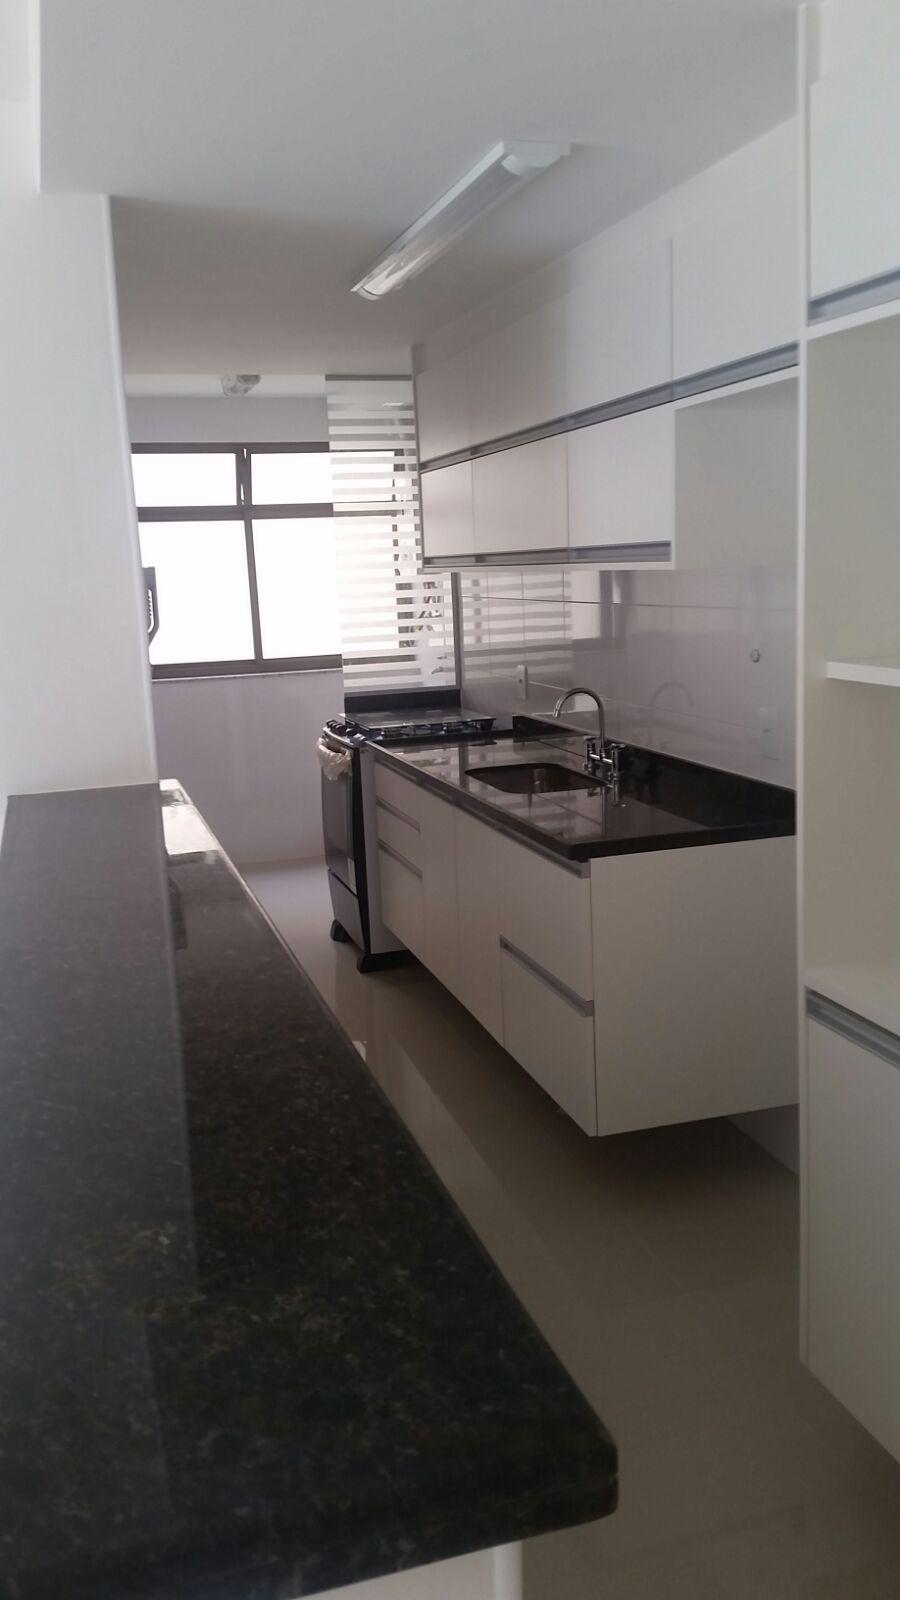 Armario Planejado Quarto Rj : Apartamento quartos com arm?rios e cozinha planejada